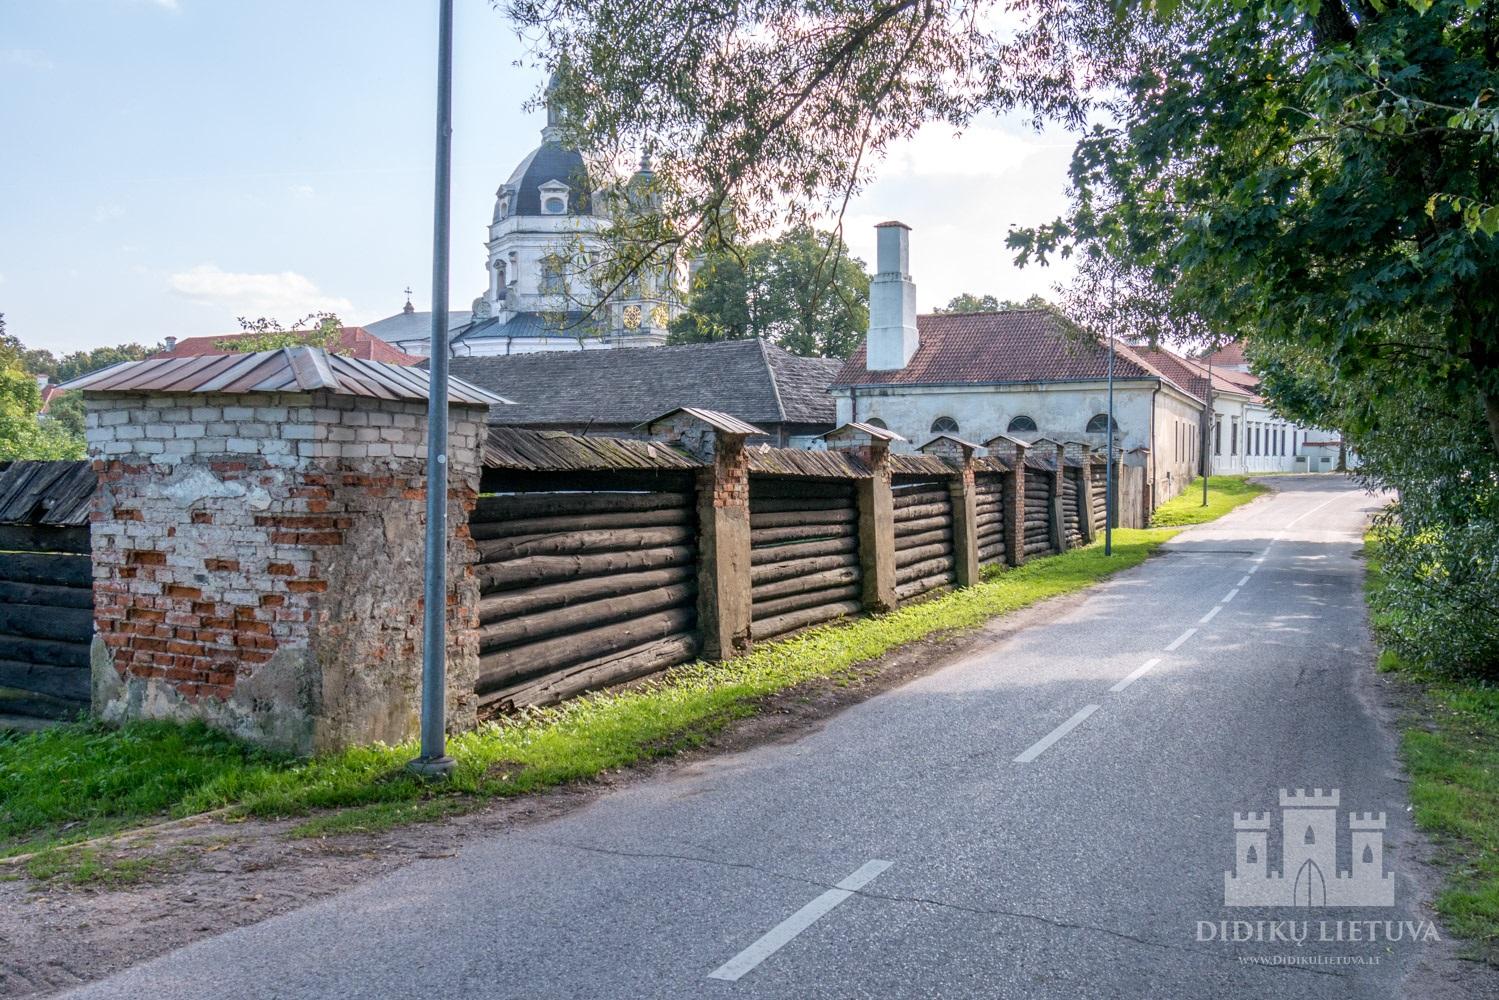 Pažaislio kamaldulių vienuolyno ansamblio šiaurės sodo tvora su vartais